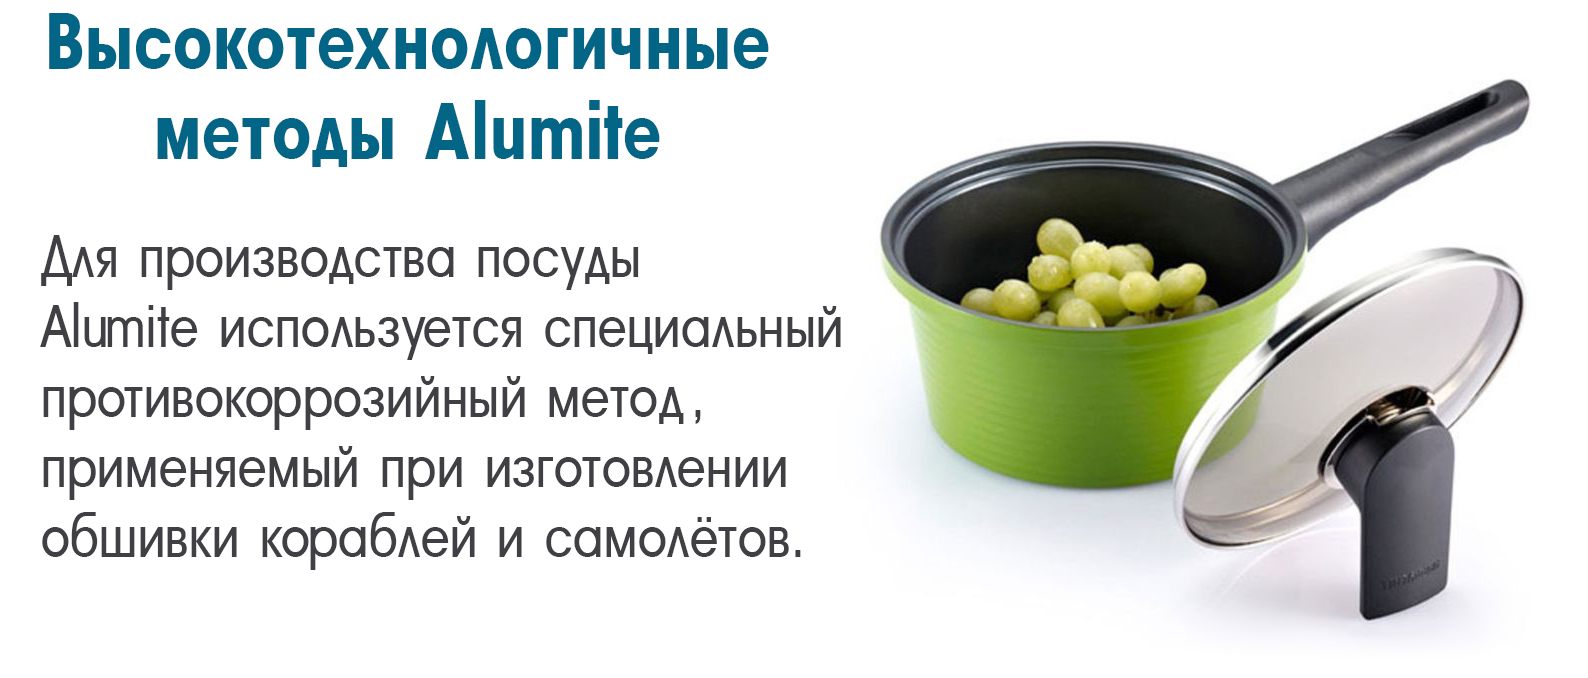 Высокотехнологичное керамическое покрытие кастрюль Alumite.